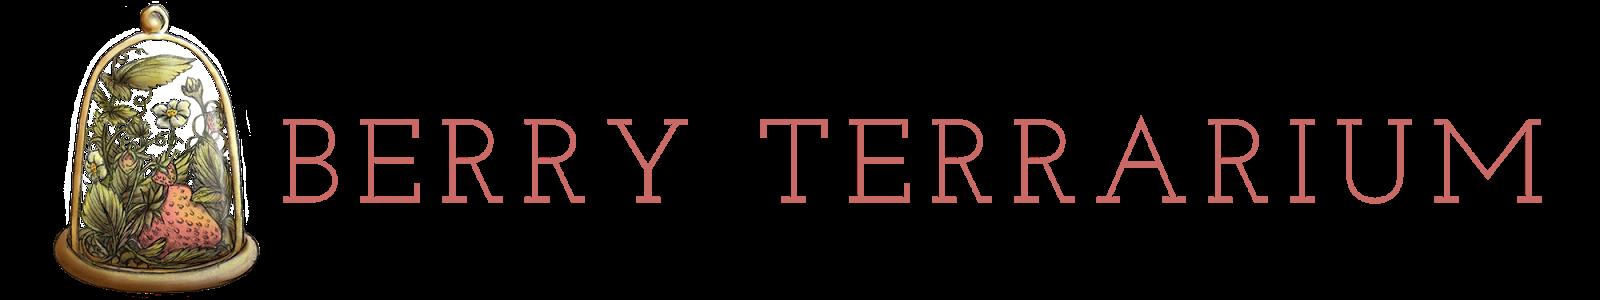 Berry Terrarium